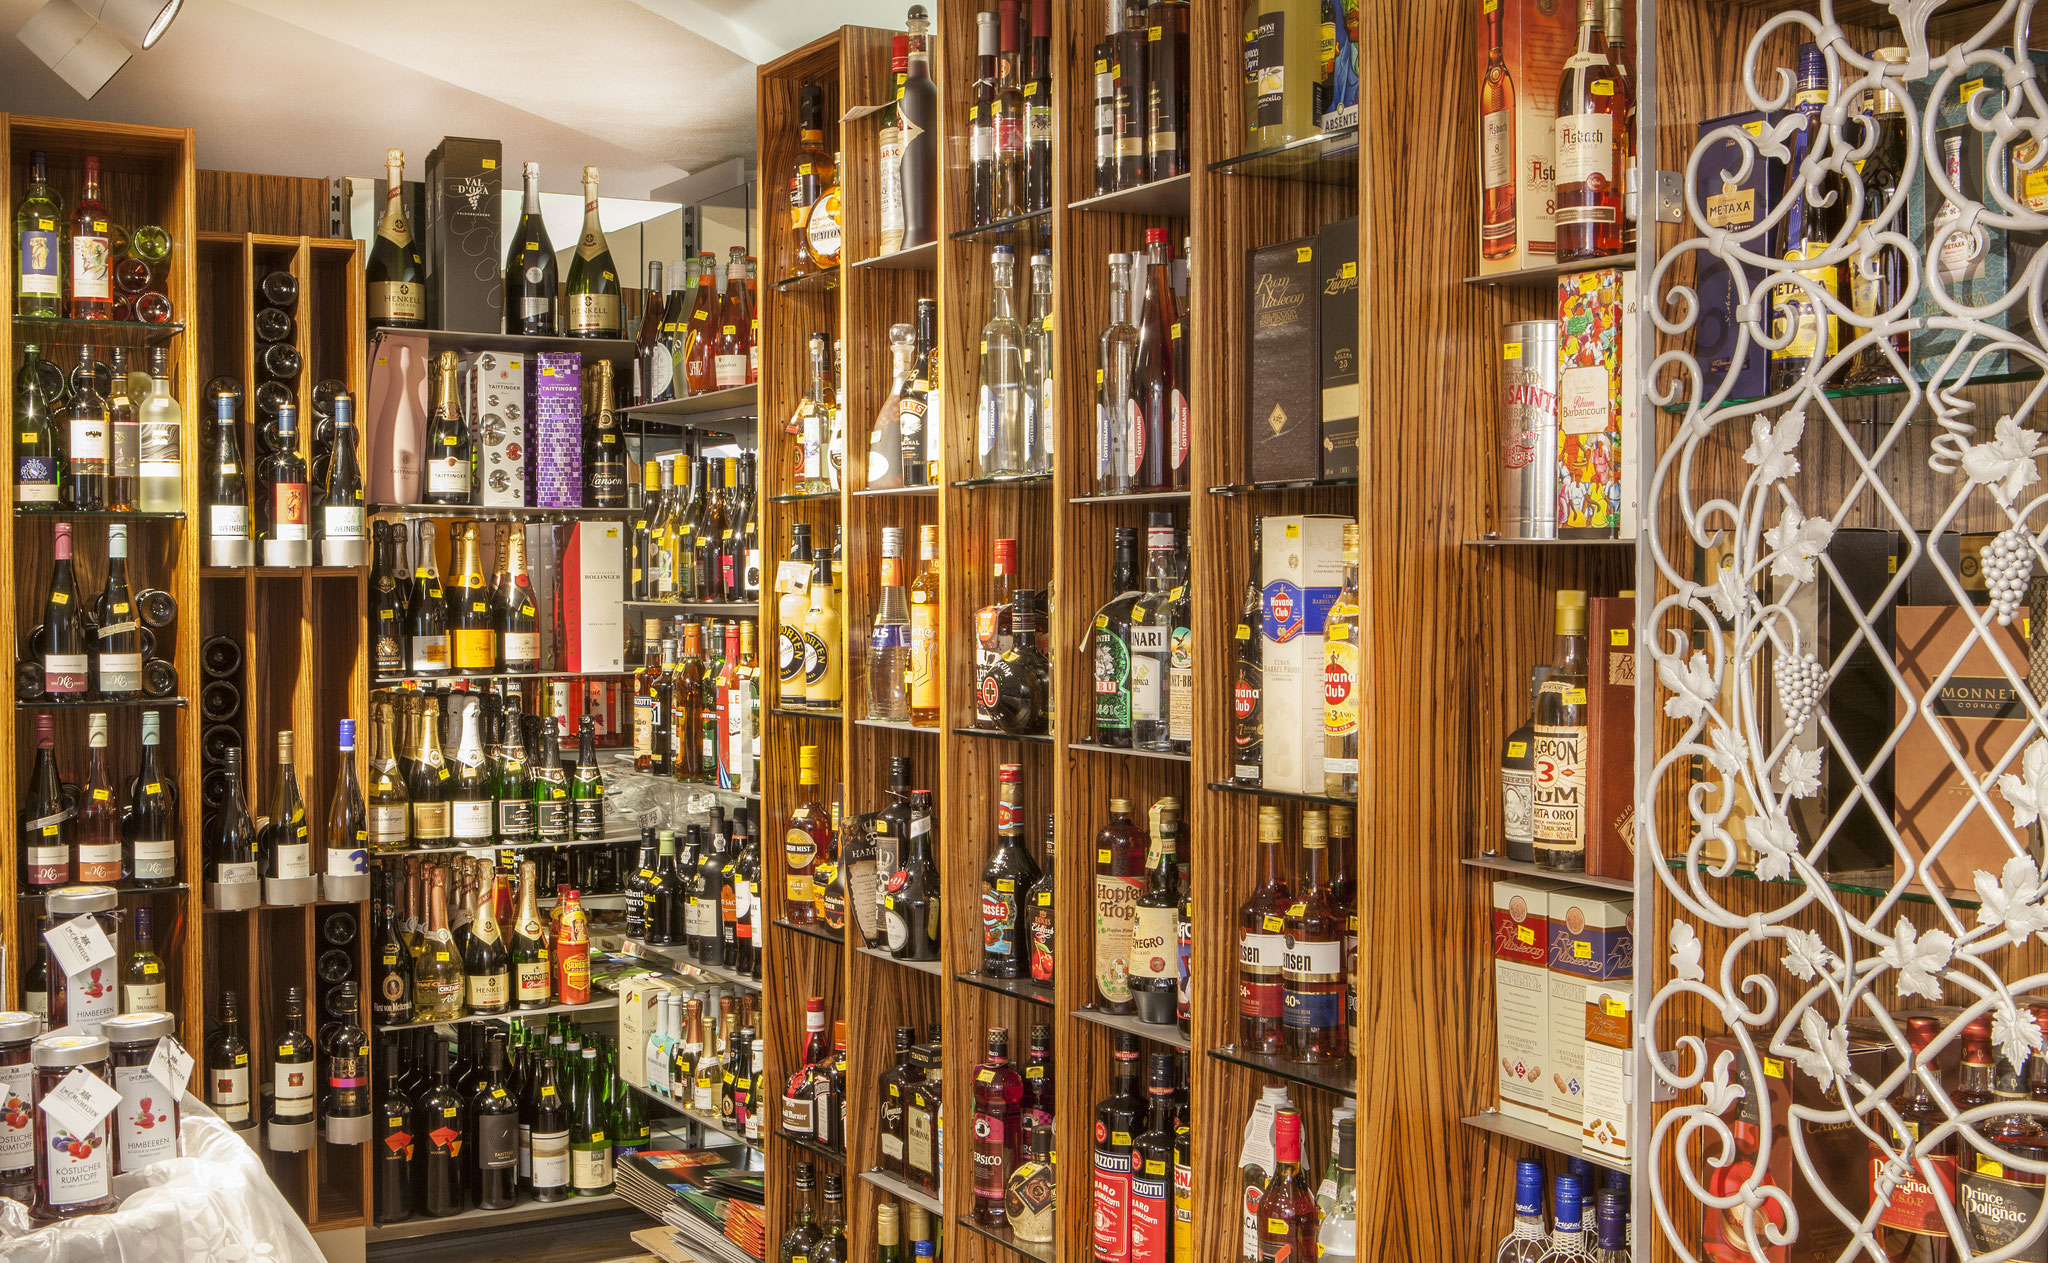 Spirituosen Wein bei Ottmann in Sulzbach-Rosenberg